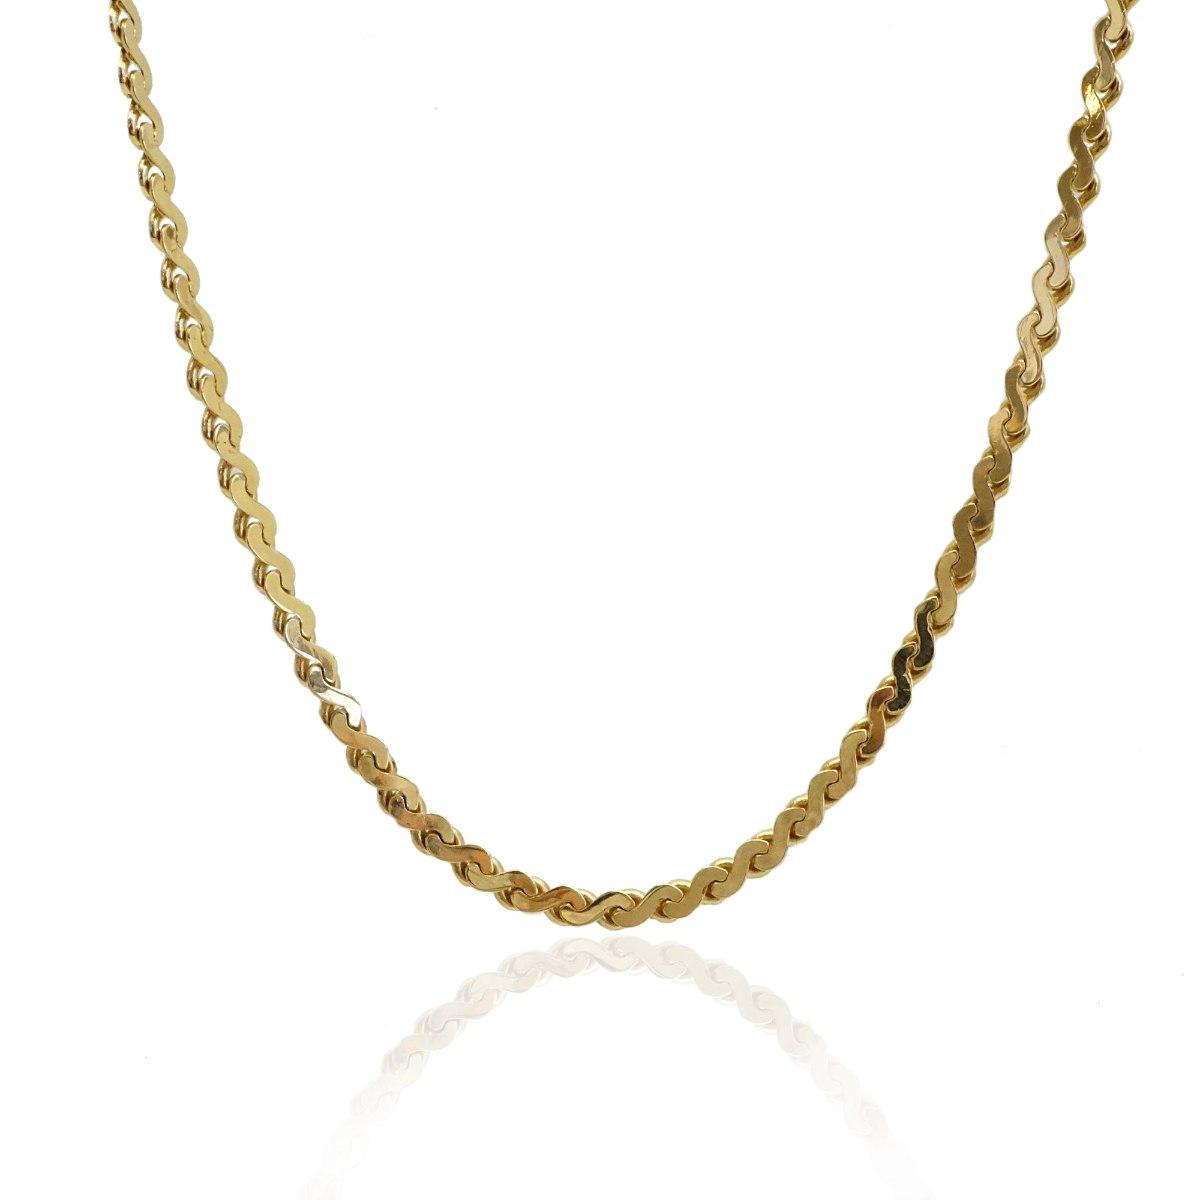 שרשרת זהב לאישה 41 סמ